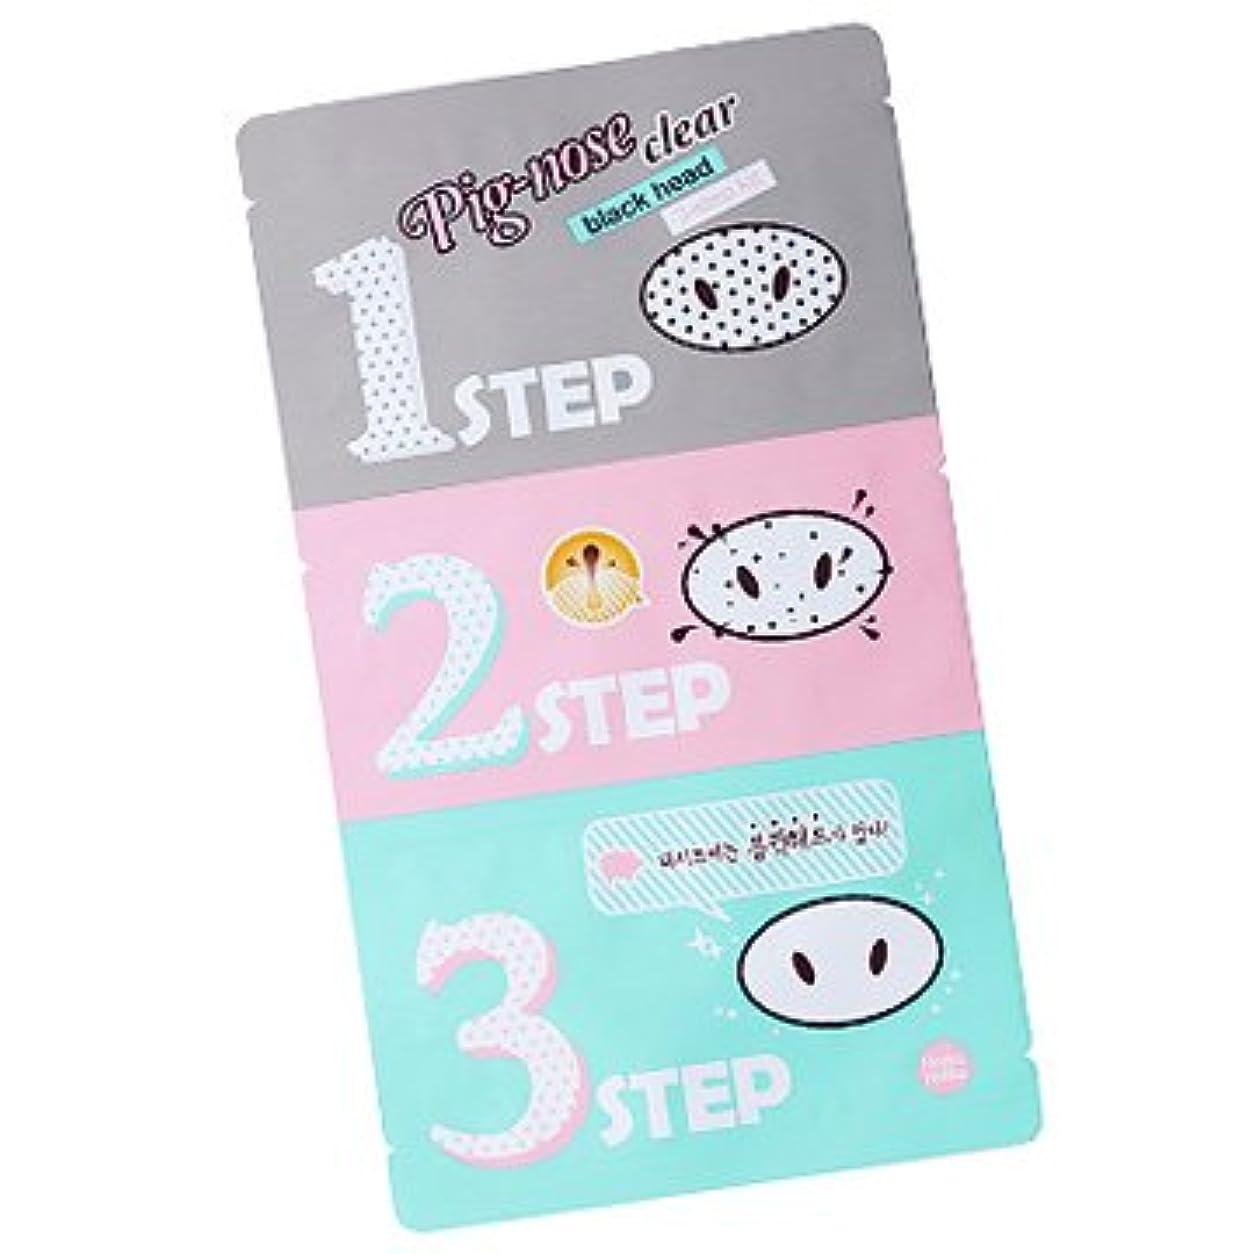 過ち解放する鉄Holika Holika Pig Nose Clear Black Head 3-Step Kit 10EA (Nose Pack) ホリカホリカ ピグノーズクリアブラックヘッド3-Stepキット(鼻パック) 10pcs [並行輸入品]